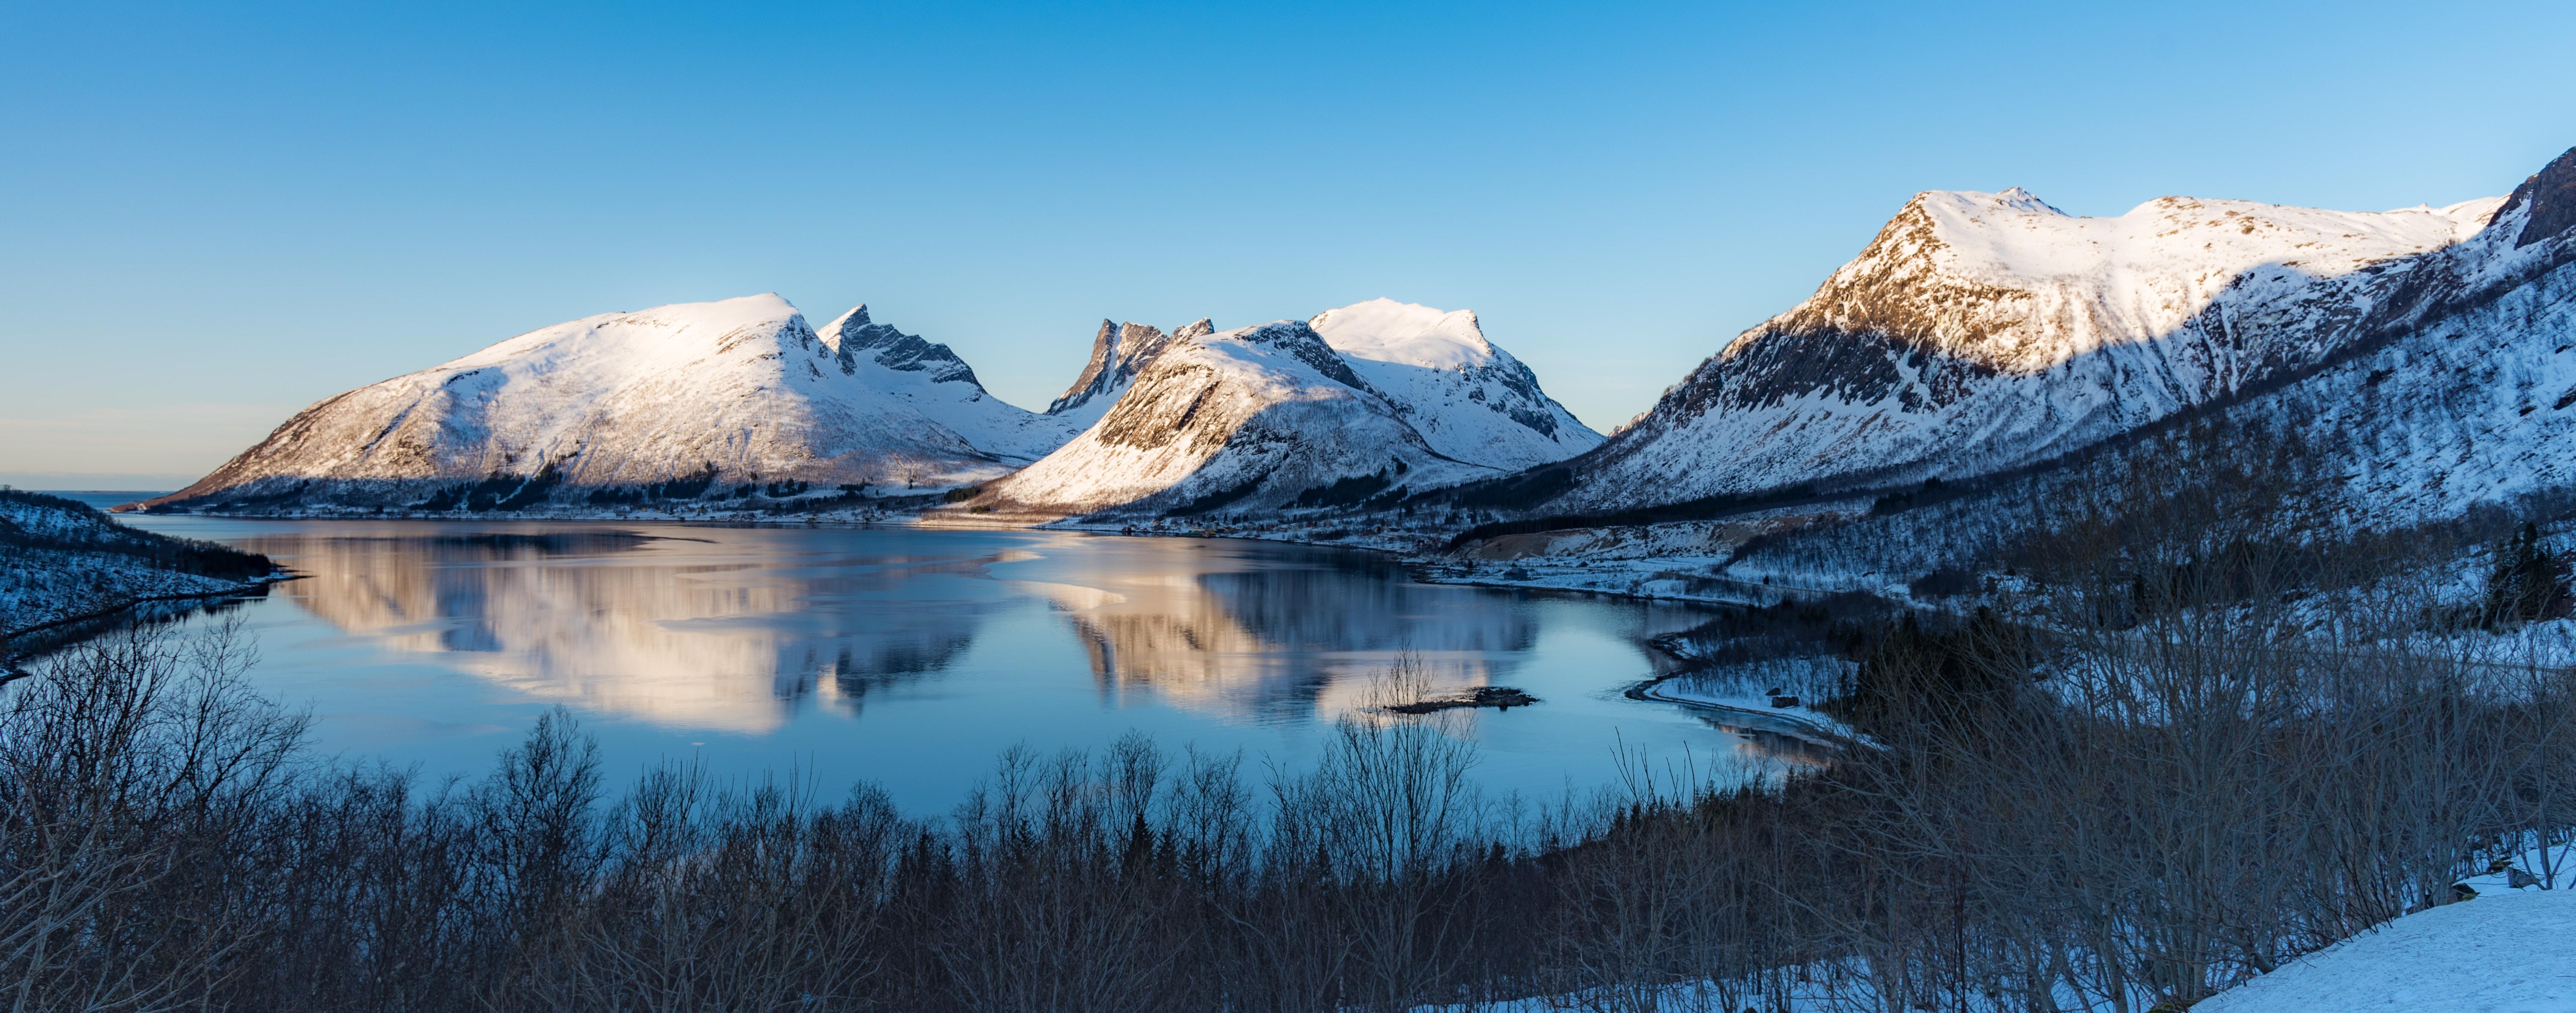 snow mountain range during daytime